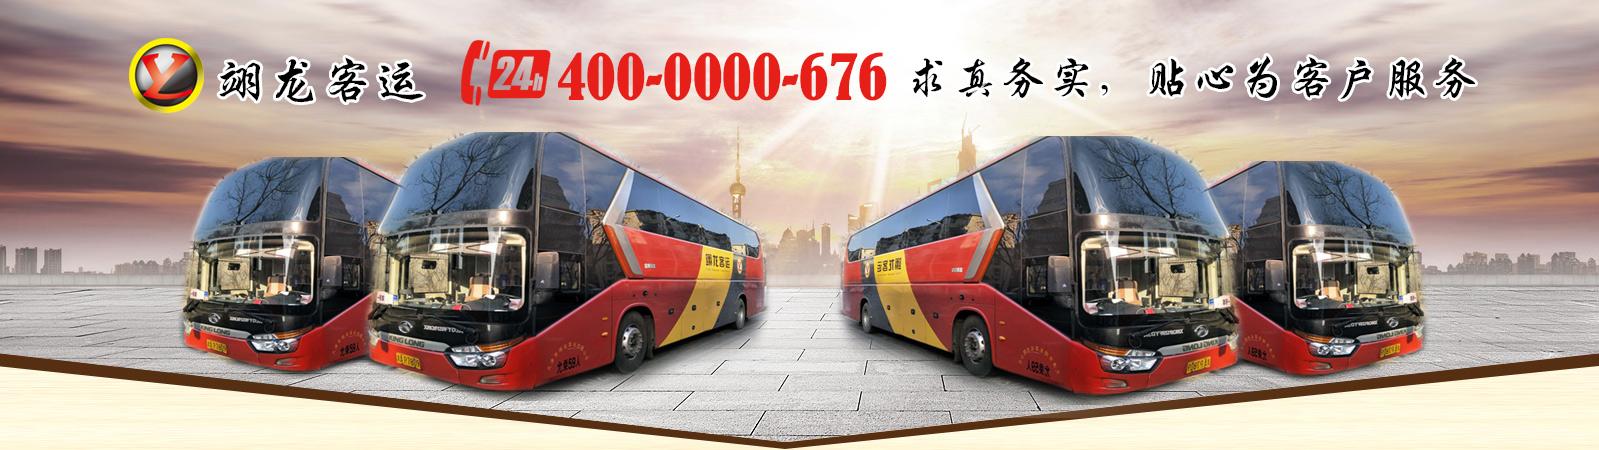 天津单位用车哪家好_旅游